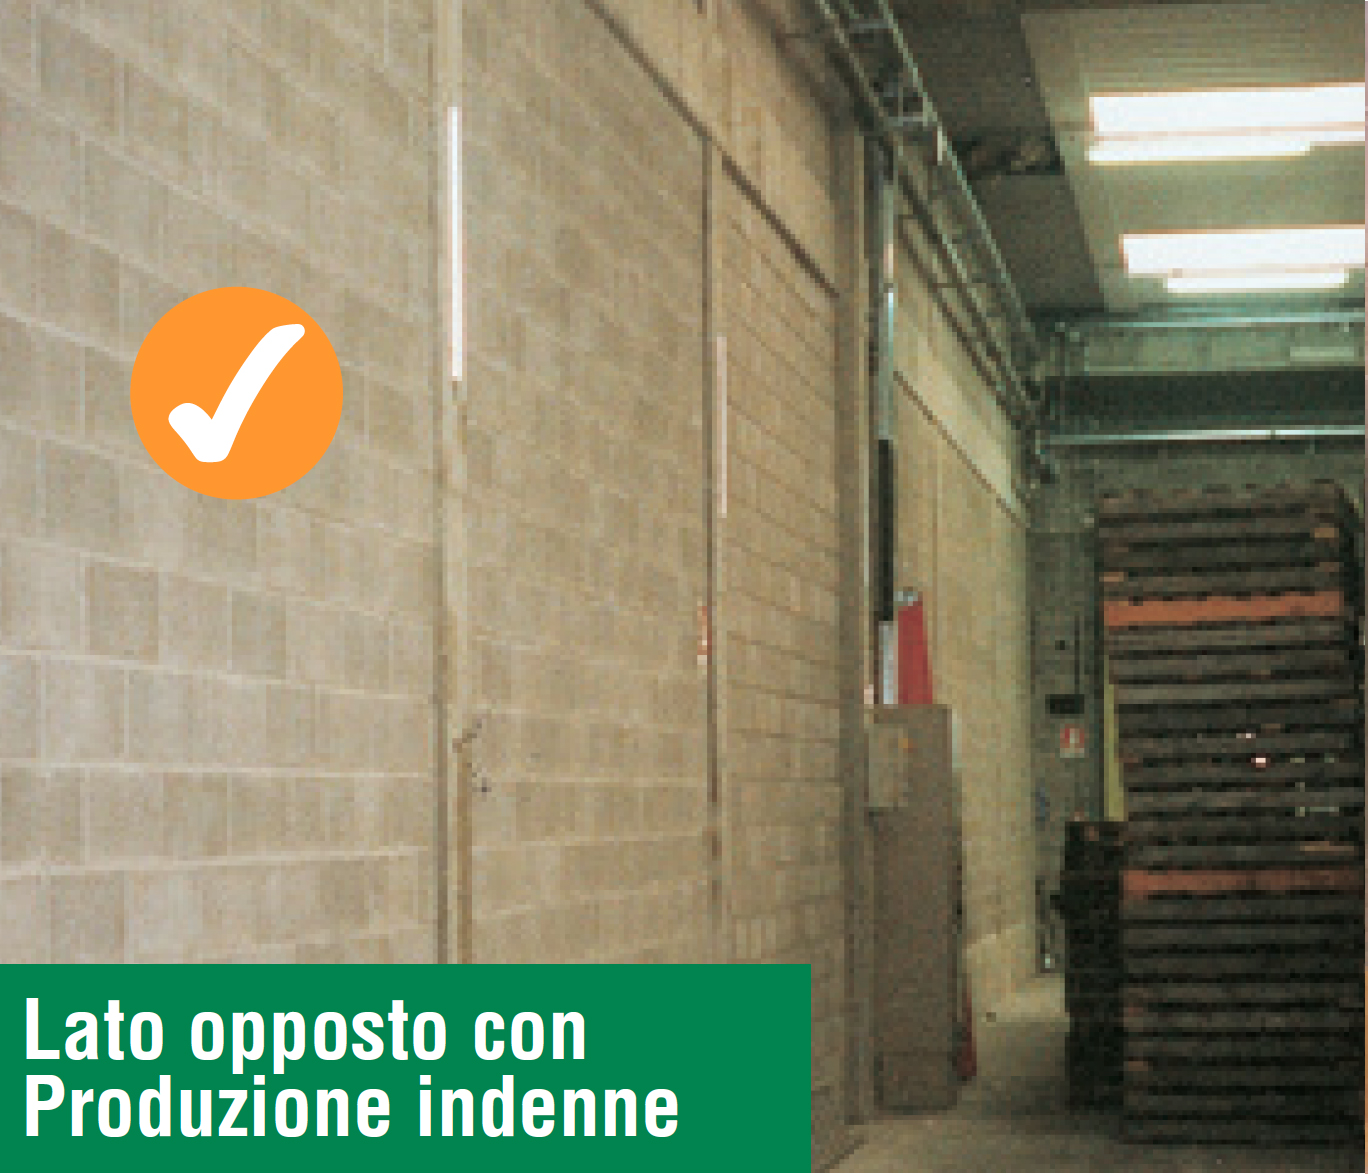 stabilimento-industriale-incendio-3